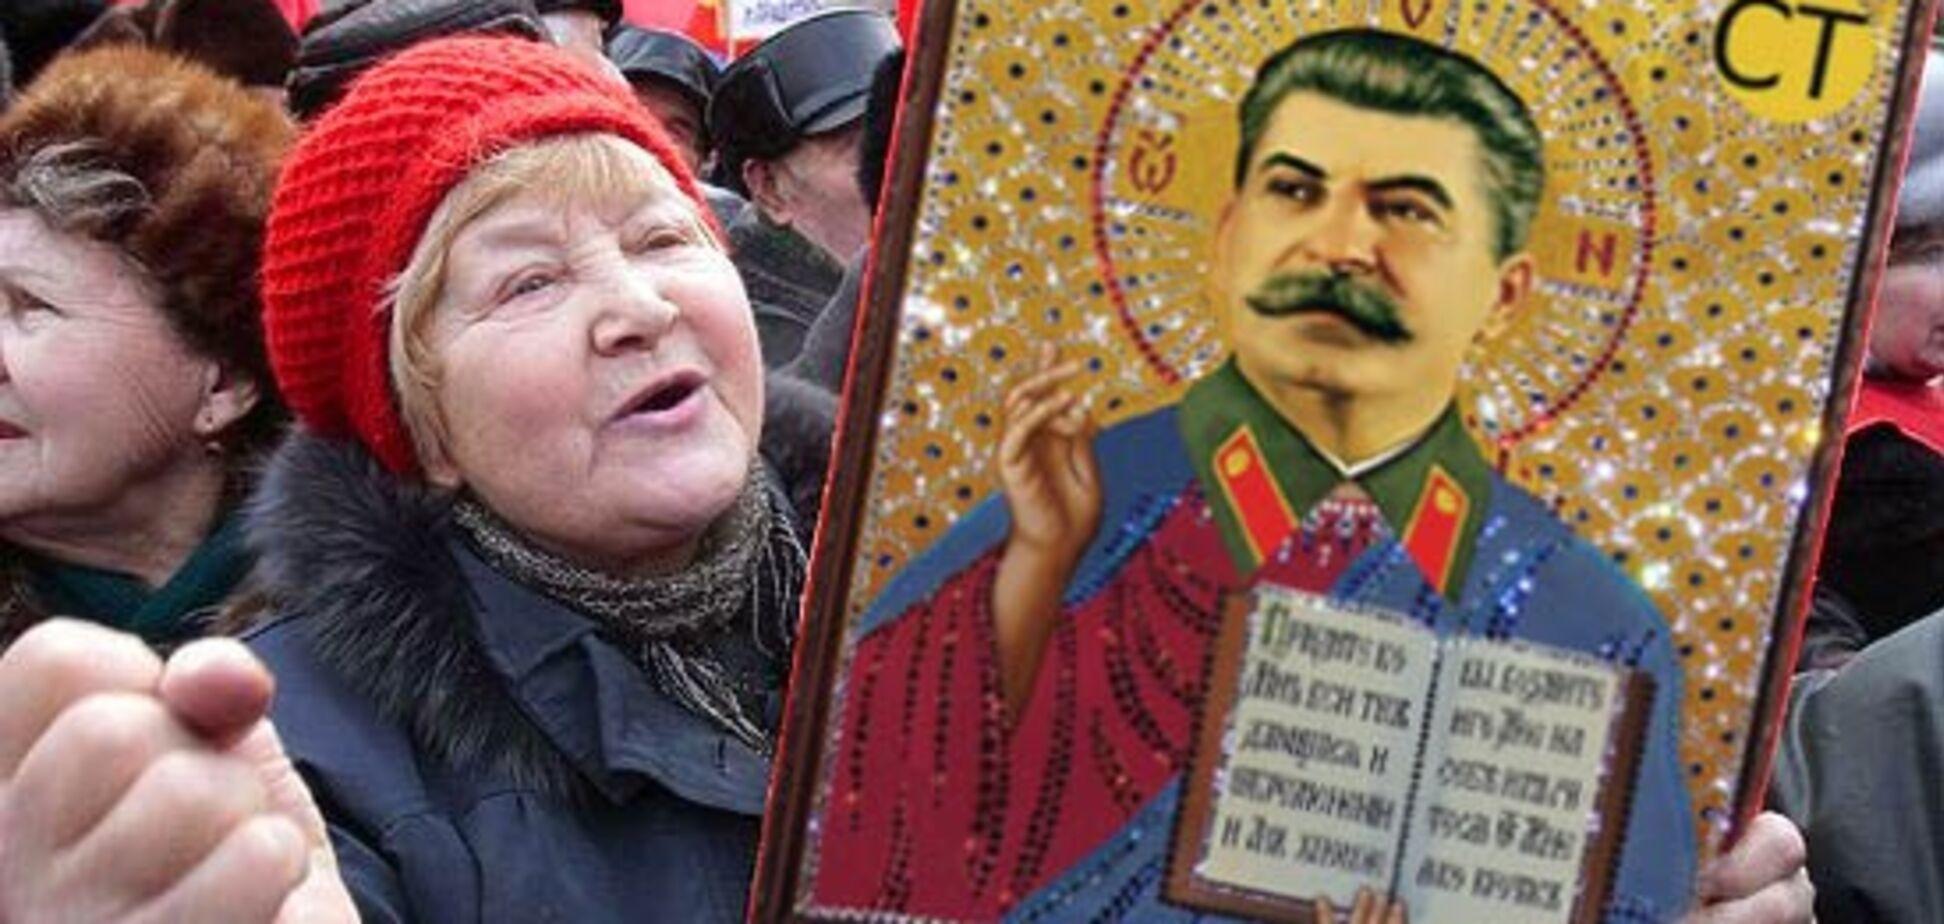 'С иконами за Сталина': историк высмеял 'шизофрению' россиян